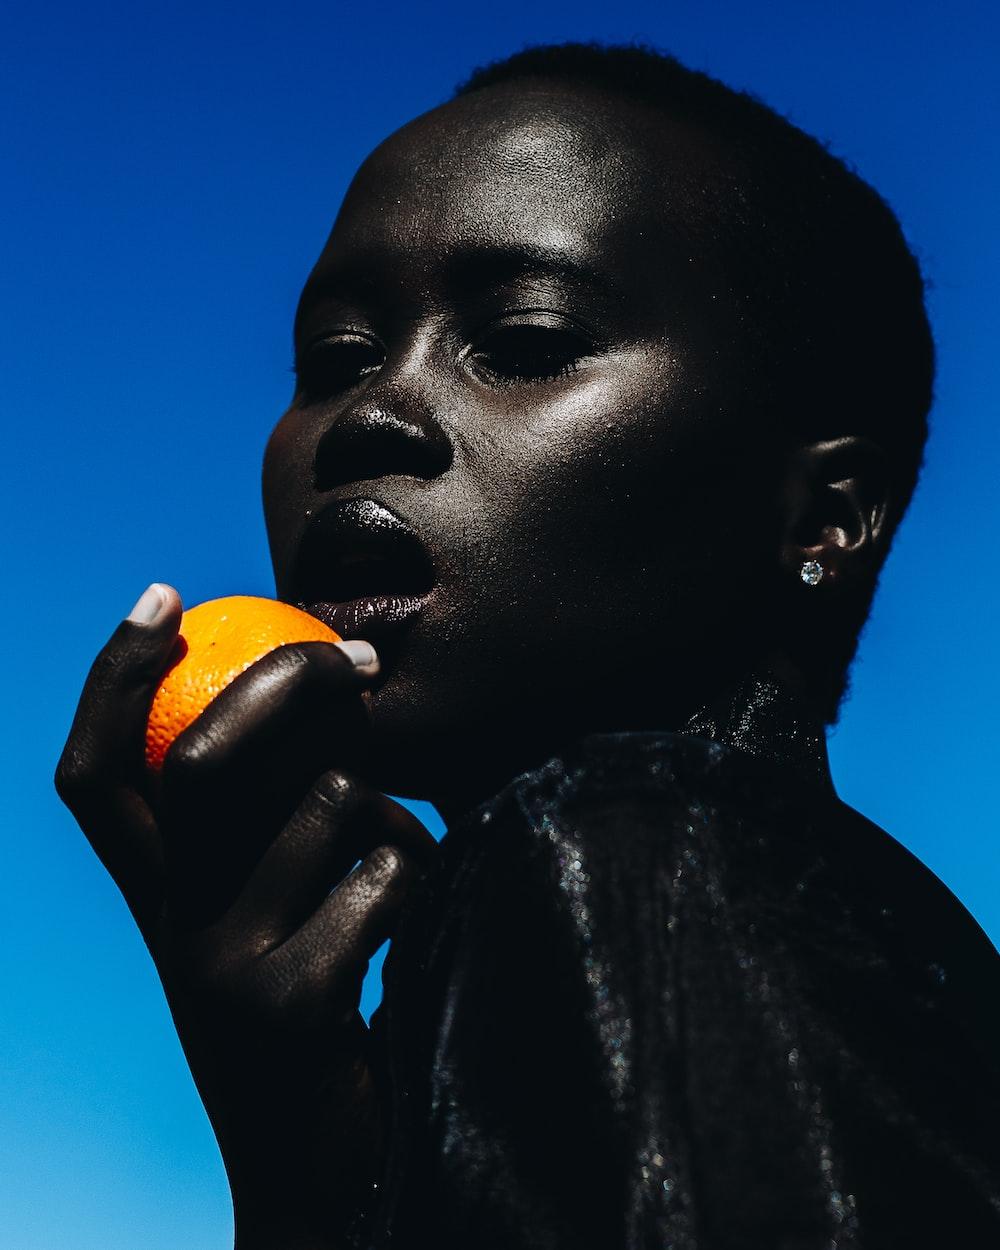 woman holding citrus fruit